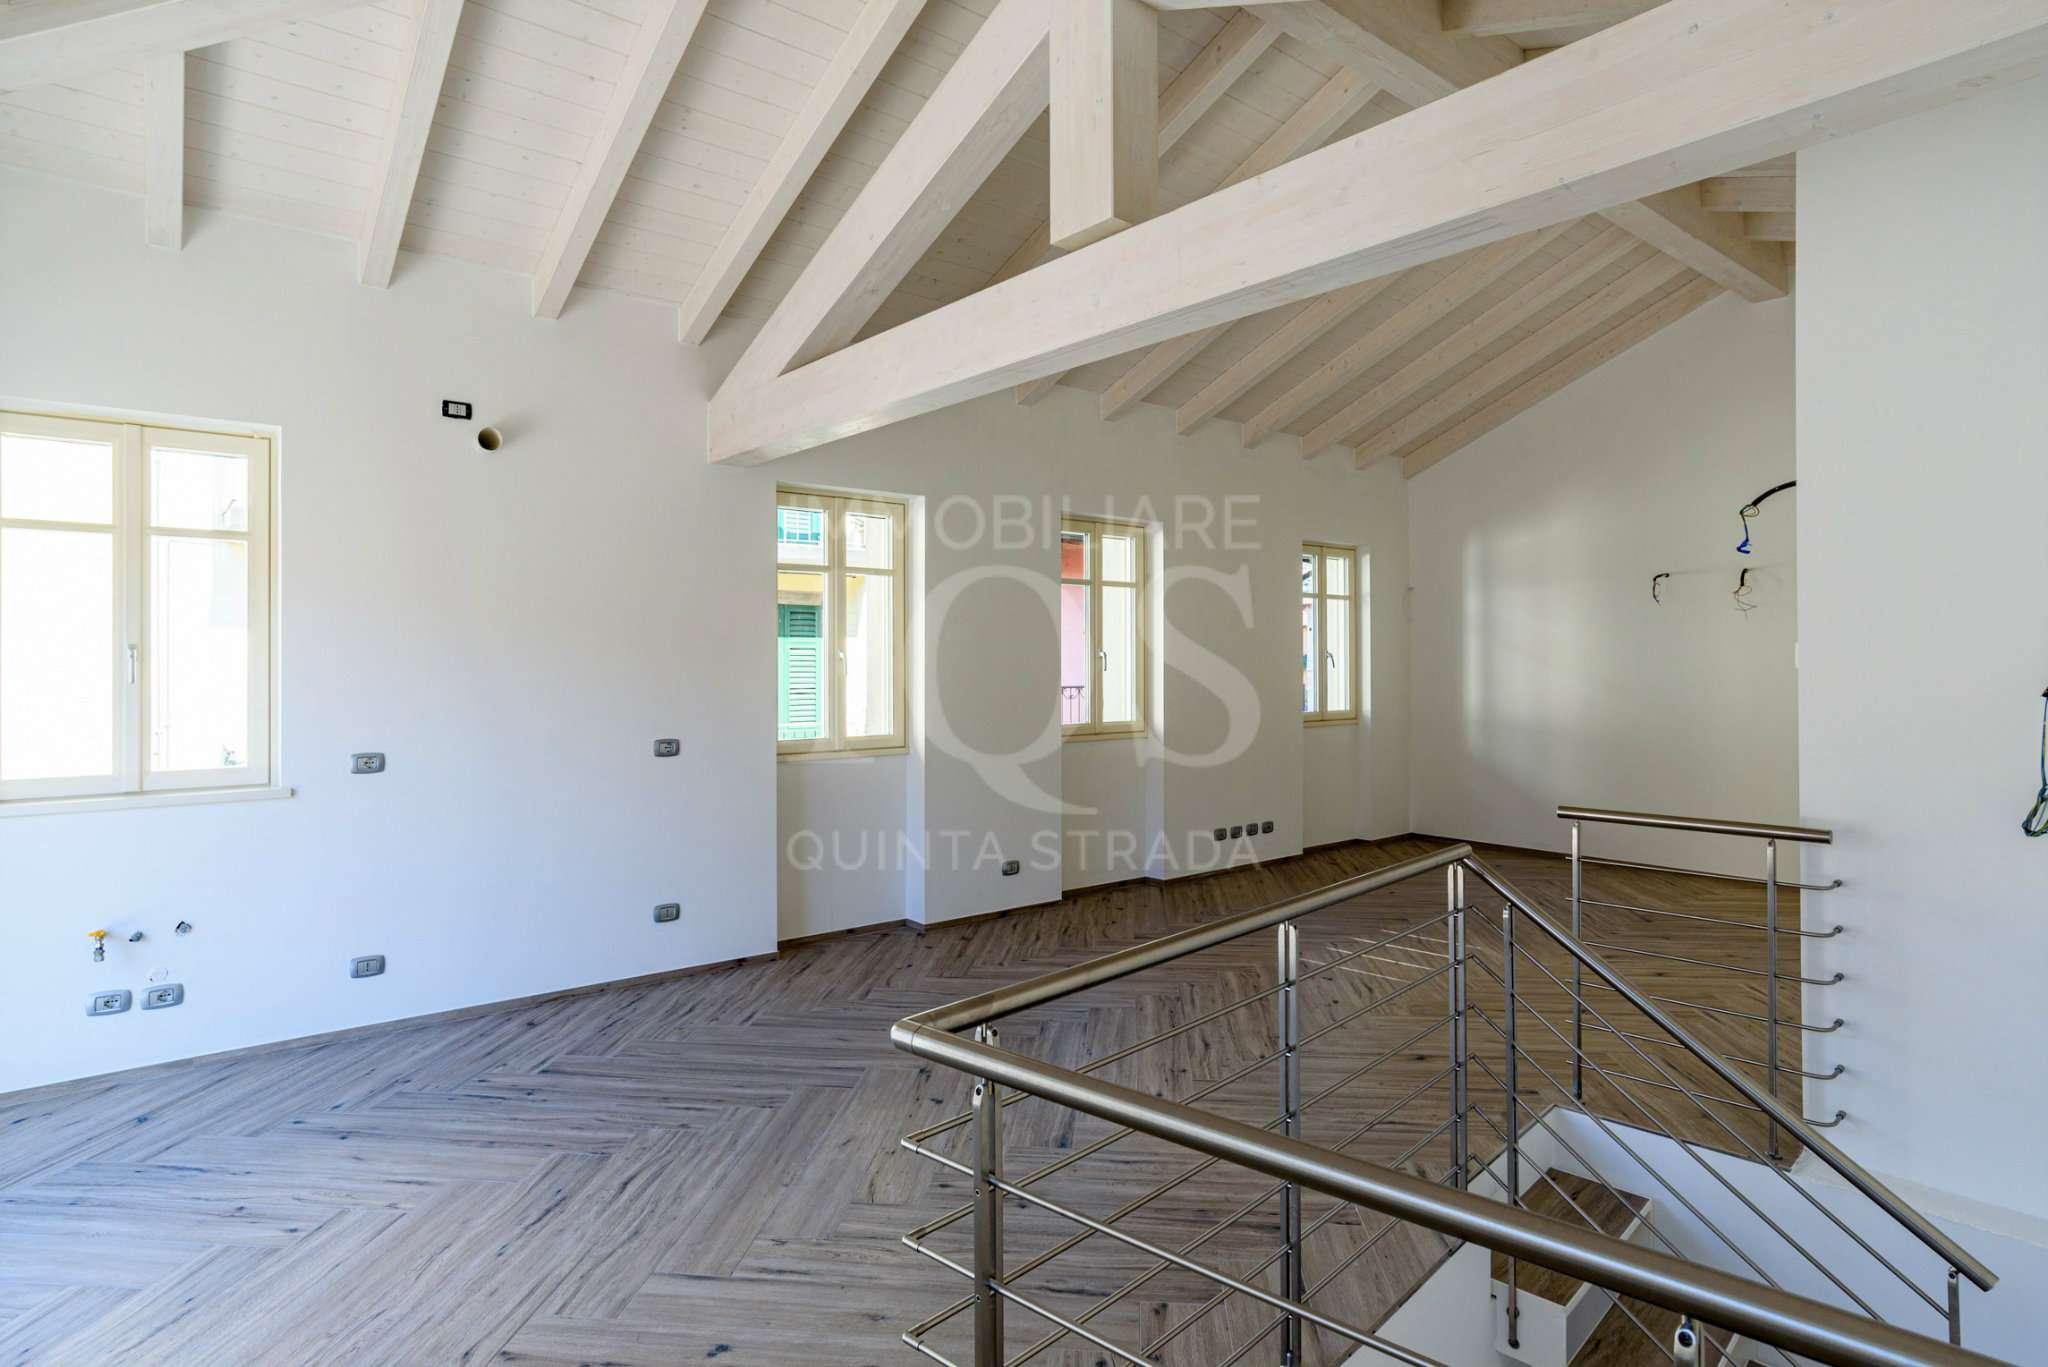 Attico / Mansarda in vendita a Sarnico, 4 locali, prezzo € 450.000 | PortaleAgenzieImmobiliari.it